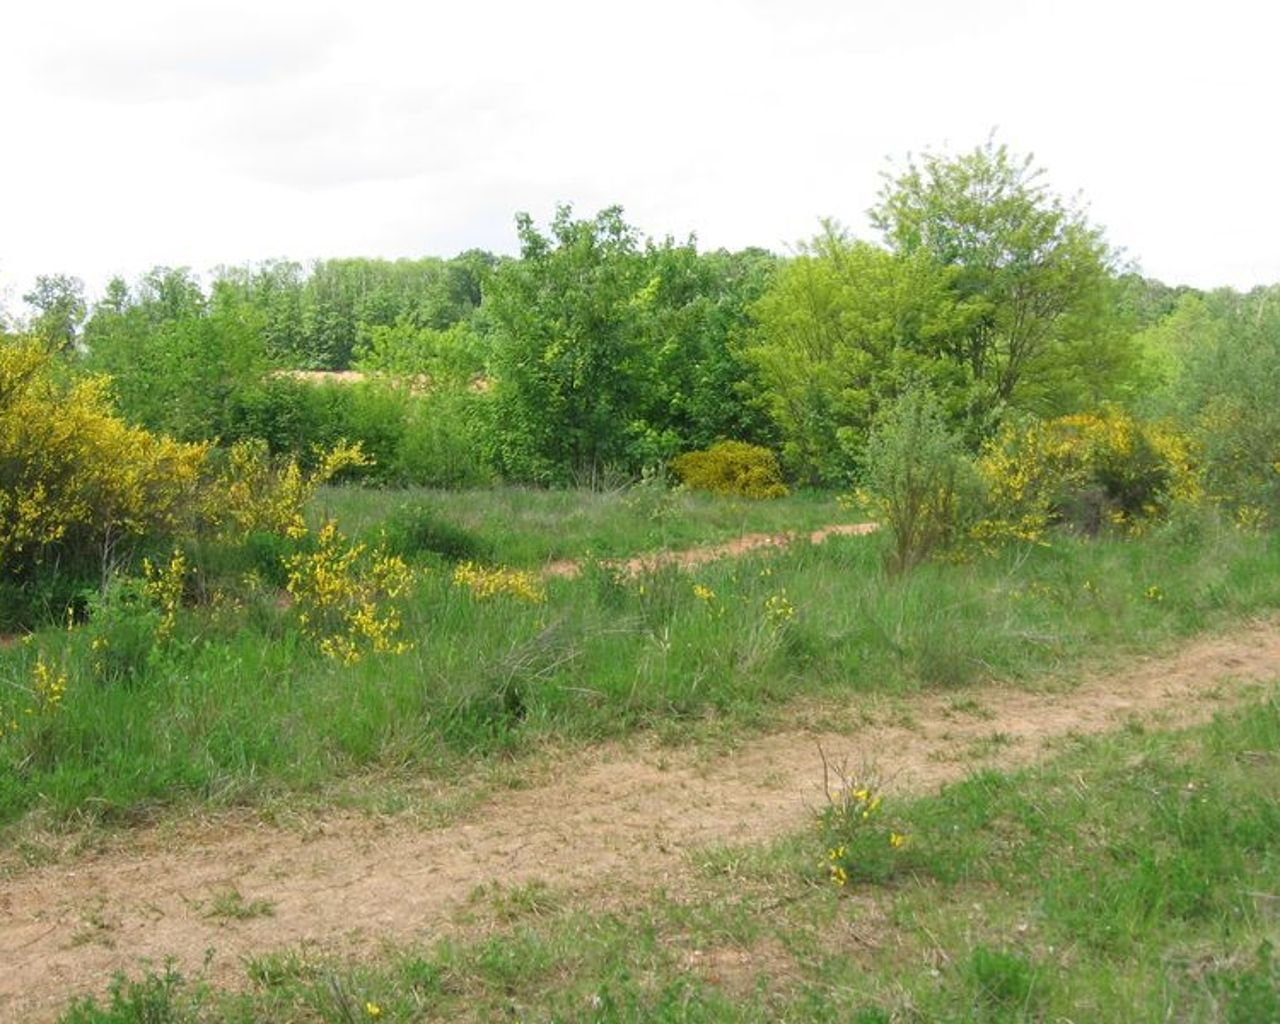 Bois De La Saulx randonnée marche à saulx-les-chartreux: saulx les chartreux